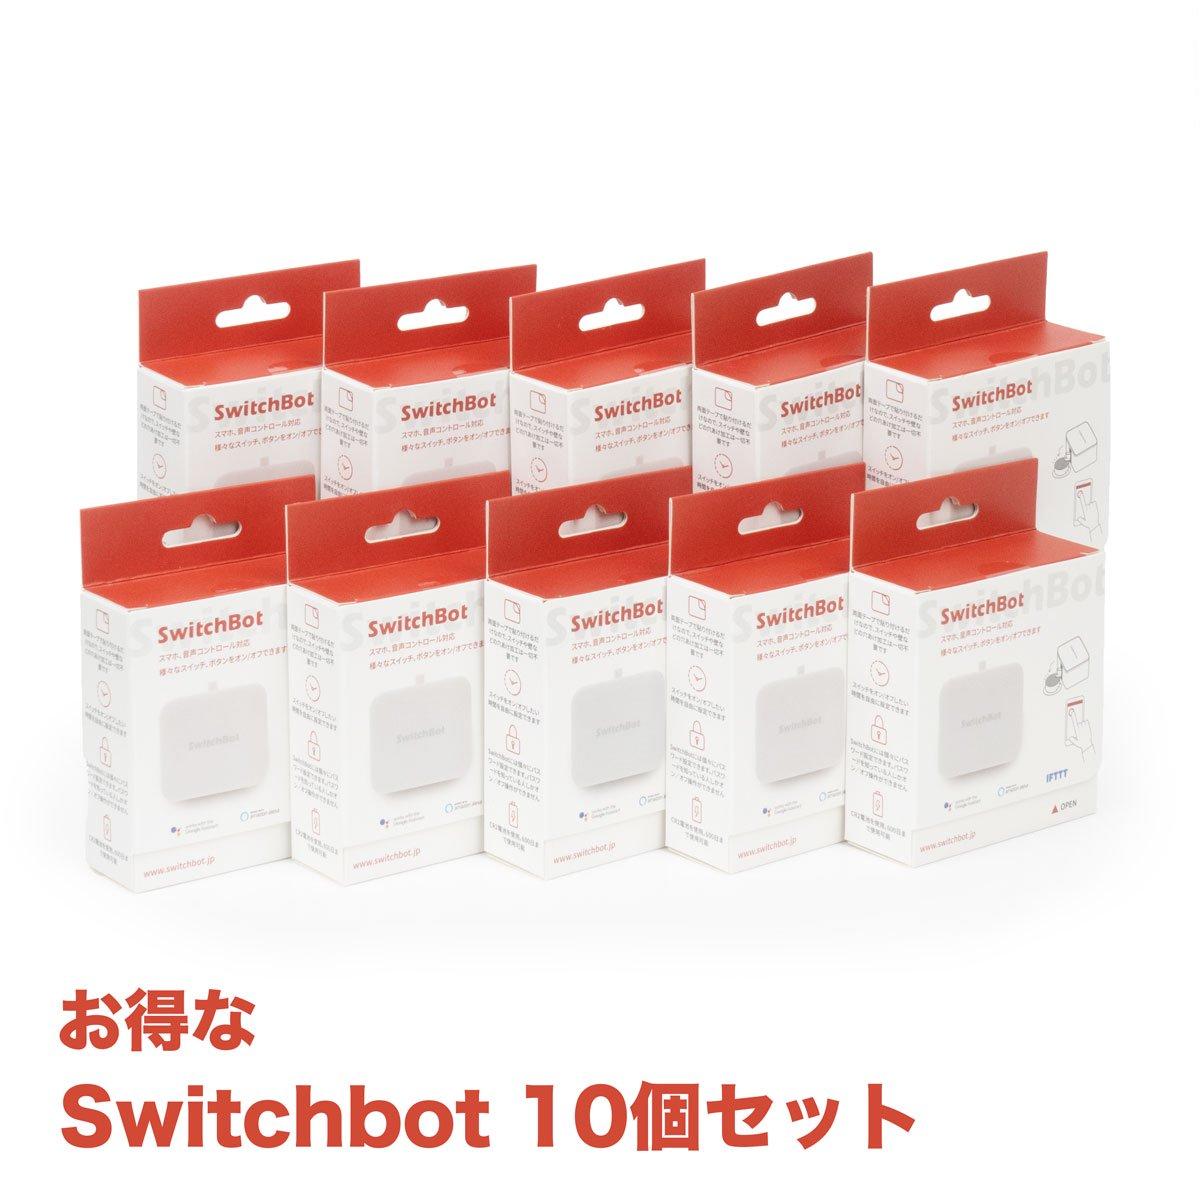 【お買い得セット】Switchbot 10個セット